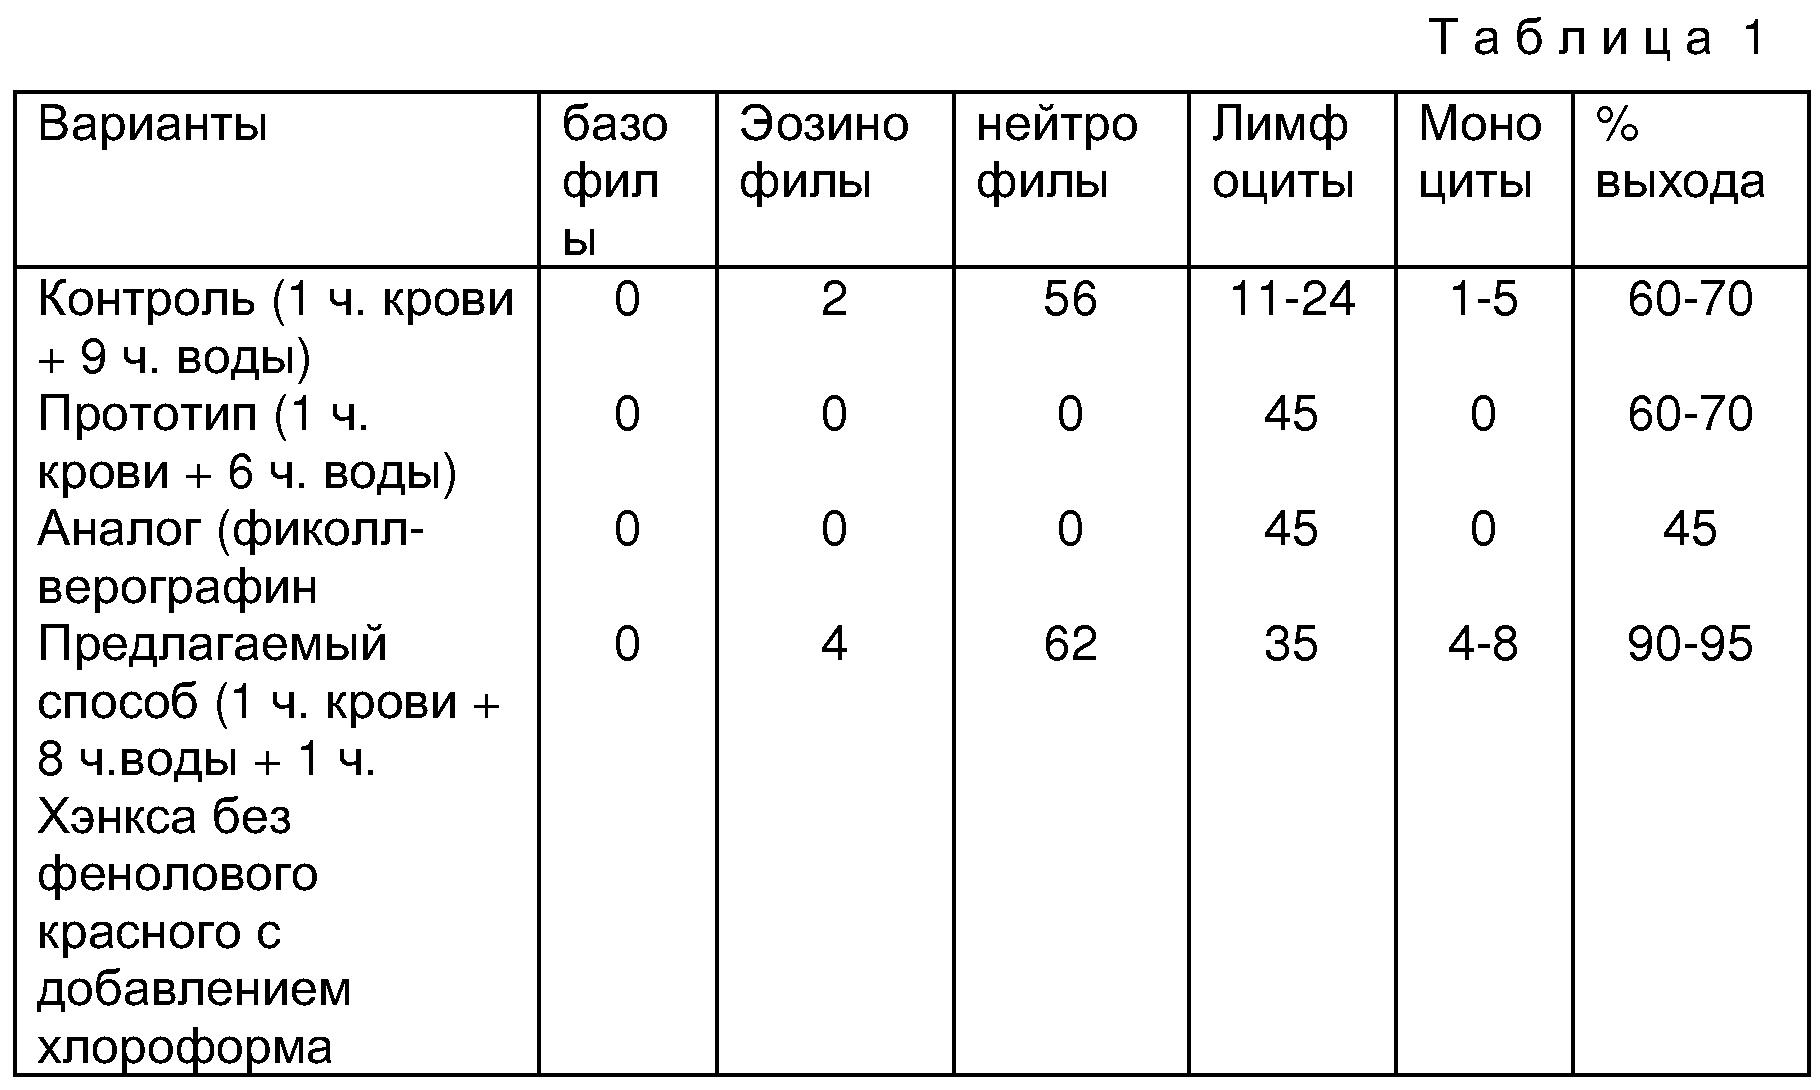 Лейкоциты в сперме 8 12